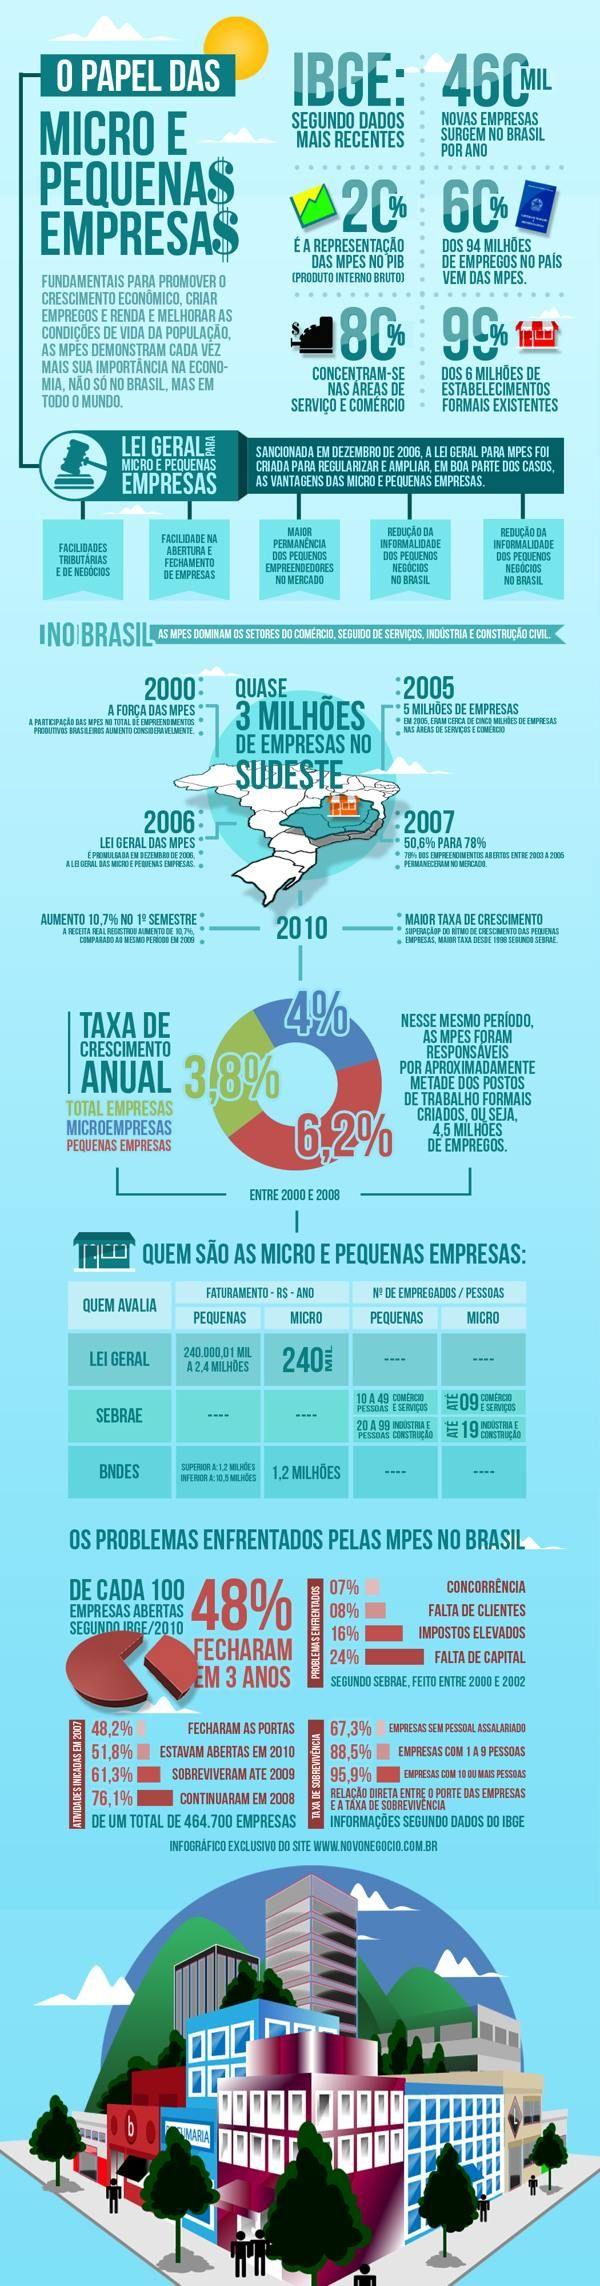 Micro e Pequenas Empresas Brasileiras - http://www.novonegocio.com.br - Novo Negócio